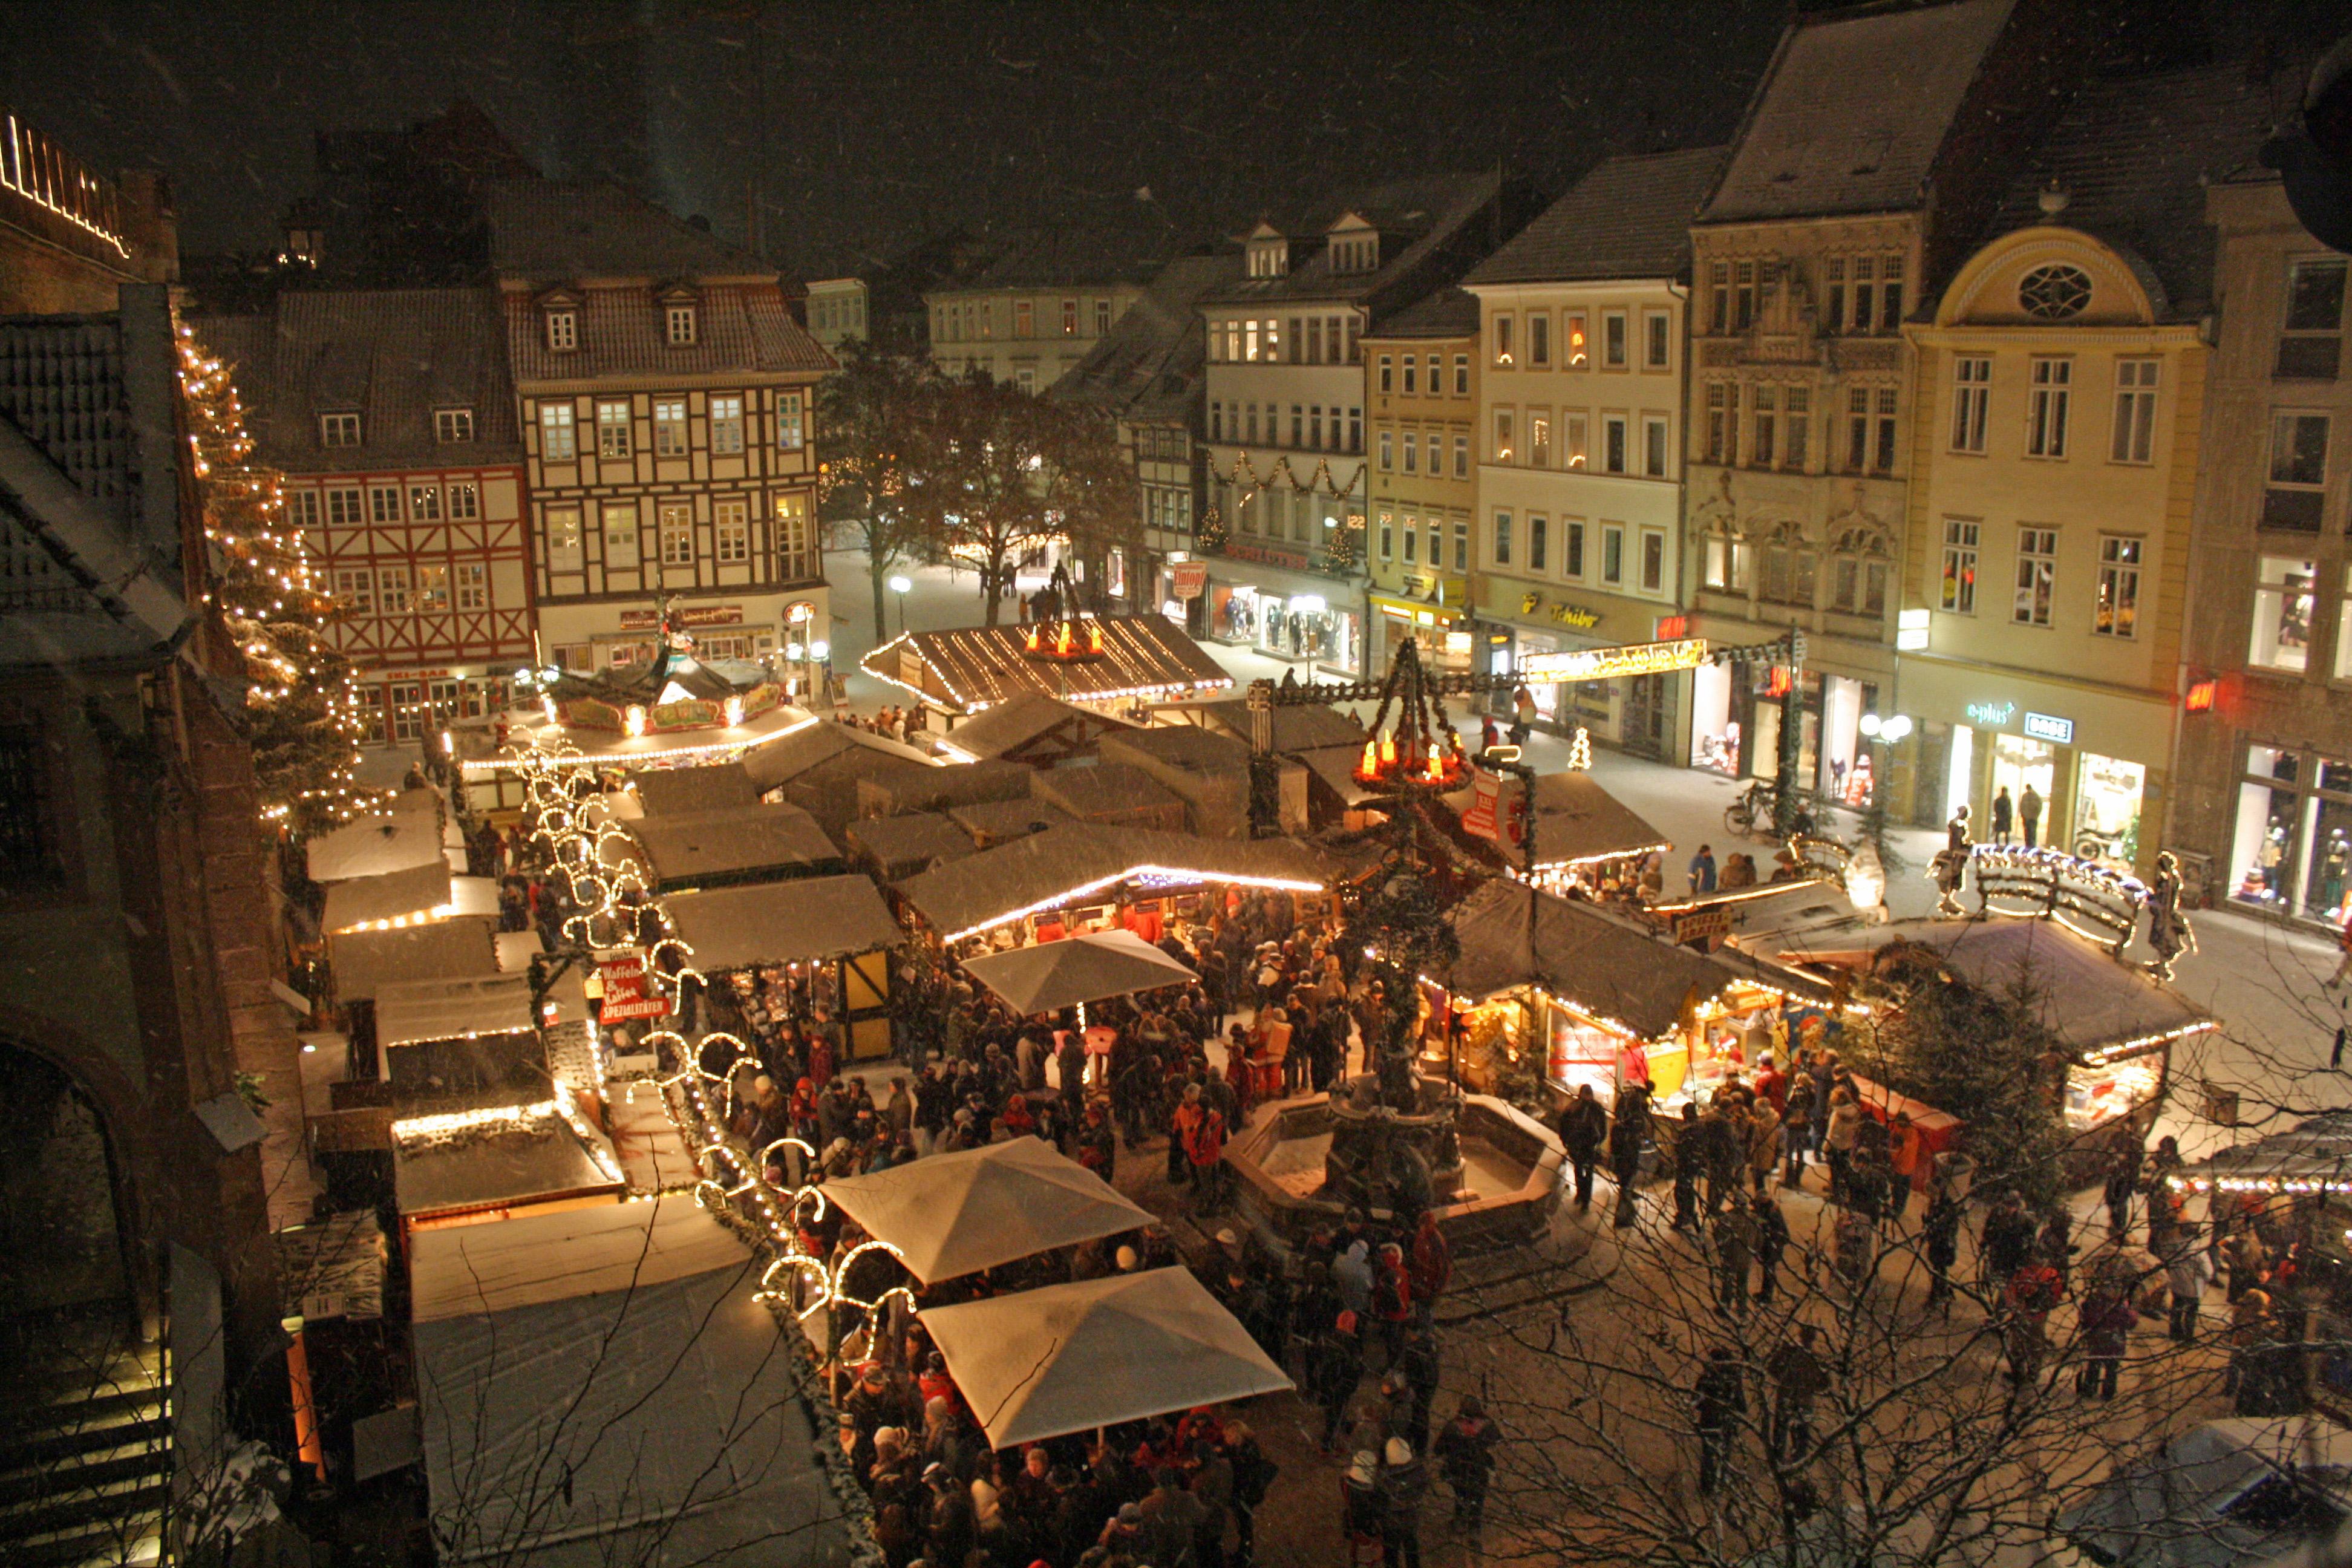 Weihnachtsmarkt Göttingen.Datei Verschneiter Weihnachtsmarkt 1 Jpg Wikipedia